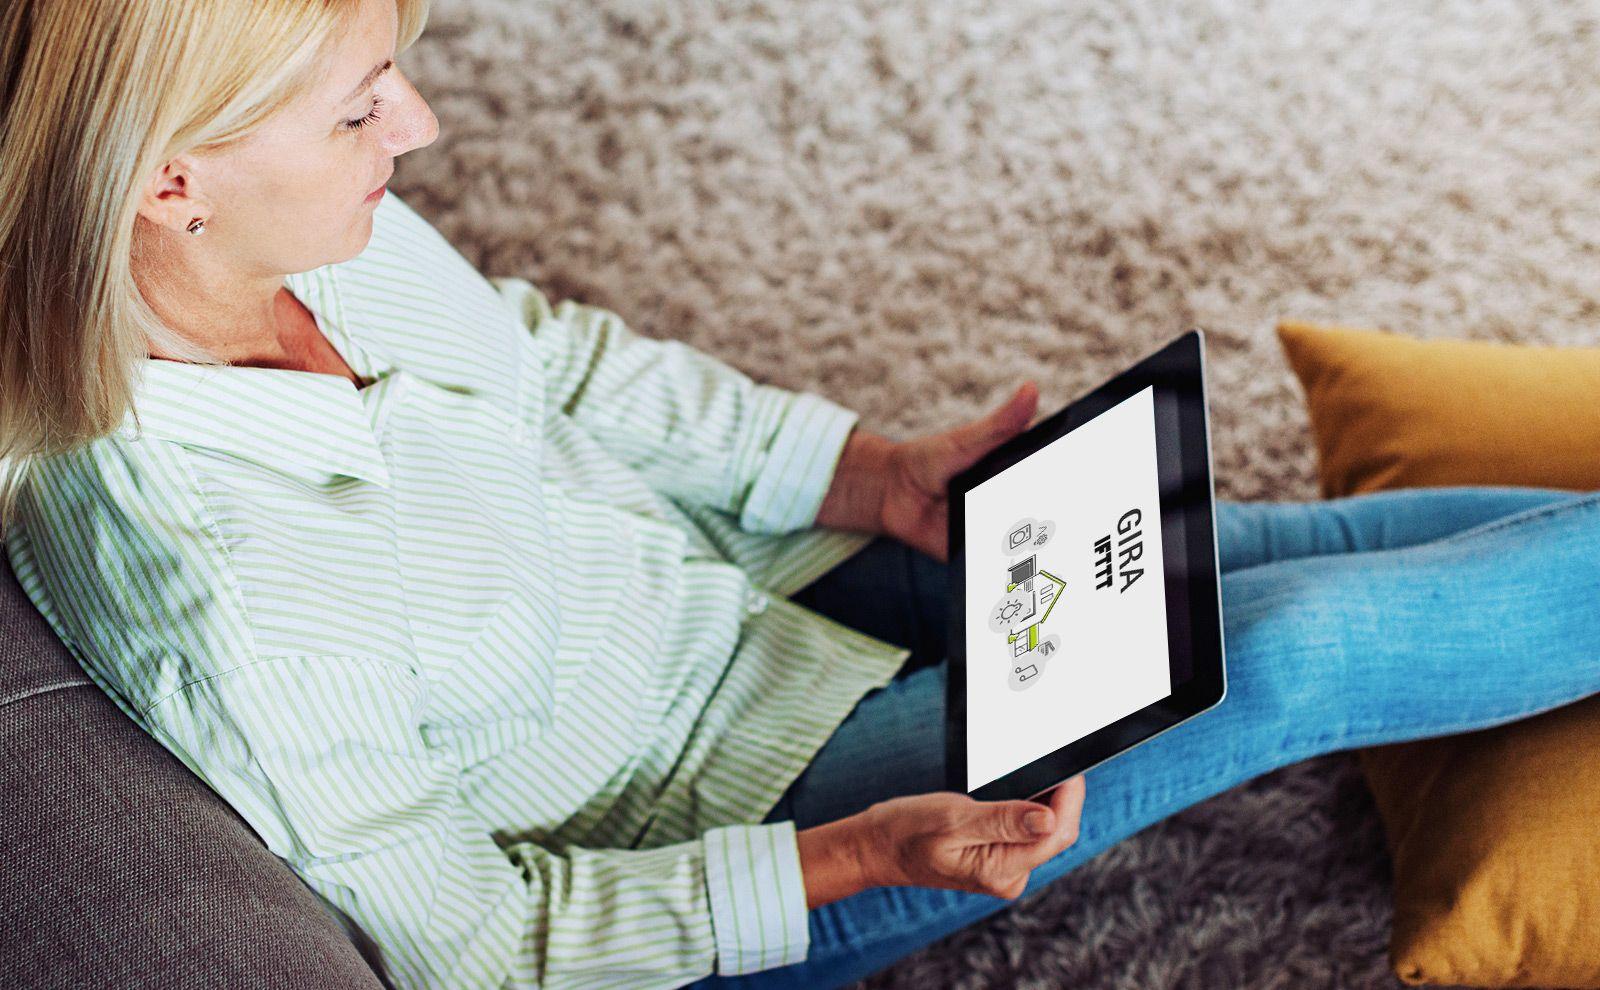 Frau schaut Video zum Thema IFTTT auf dem Tablet